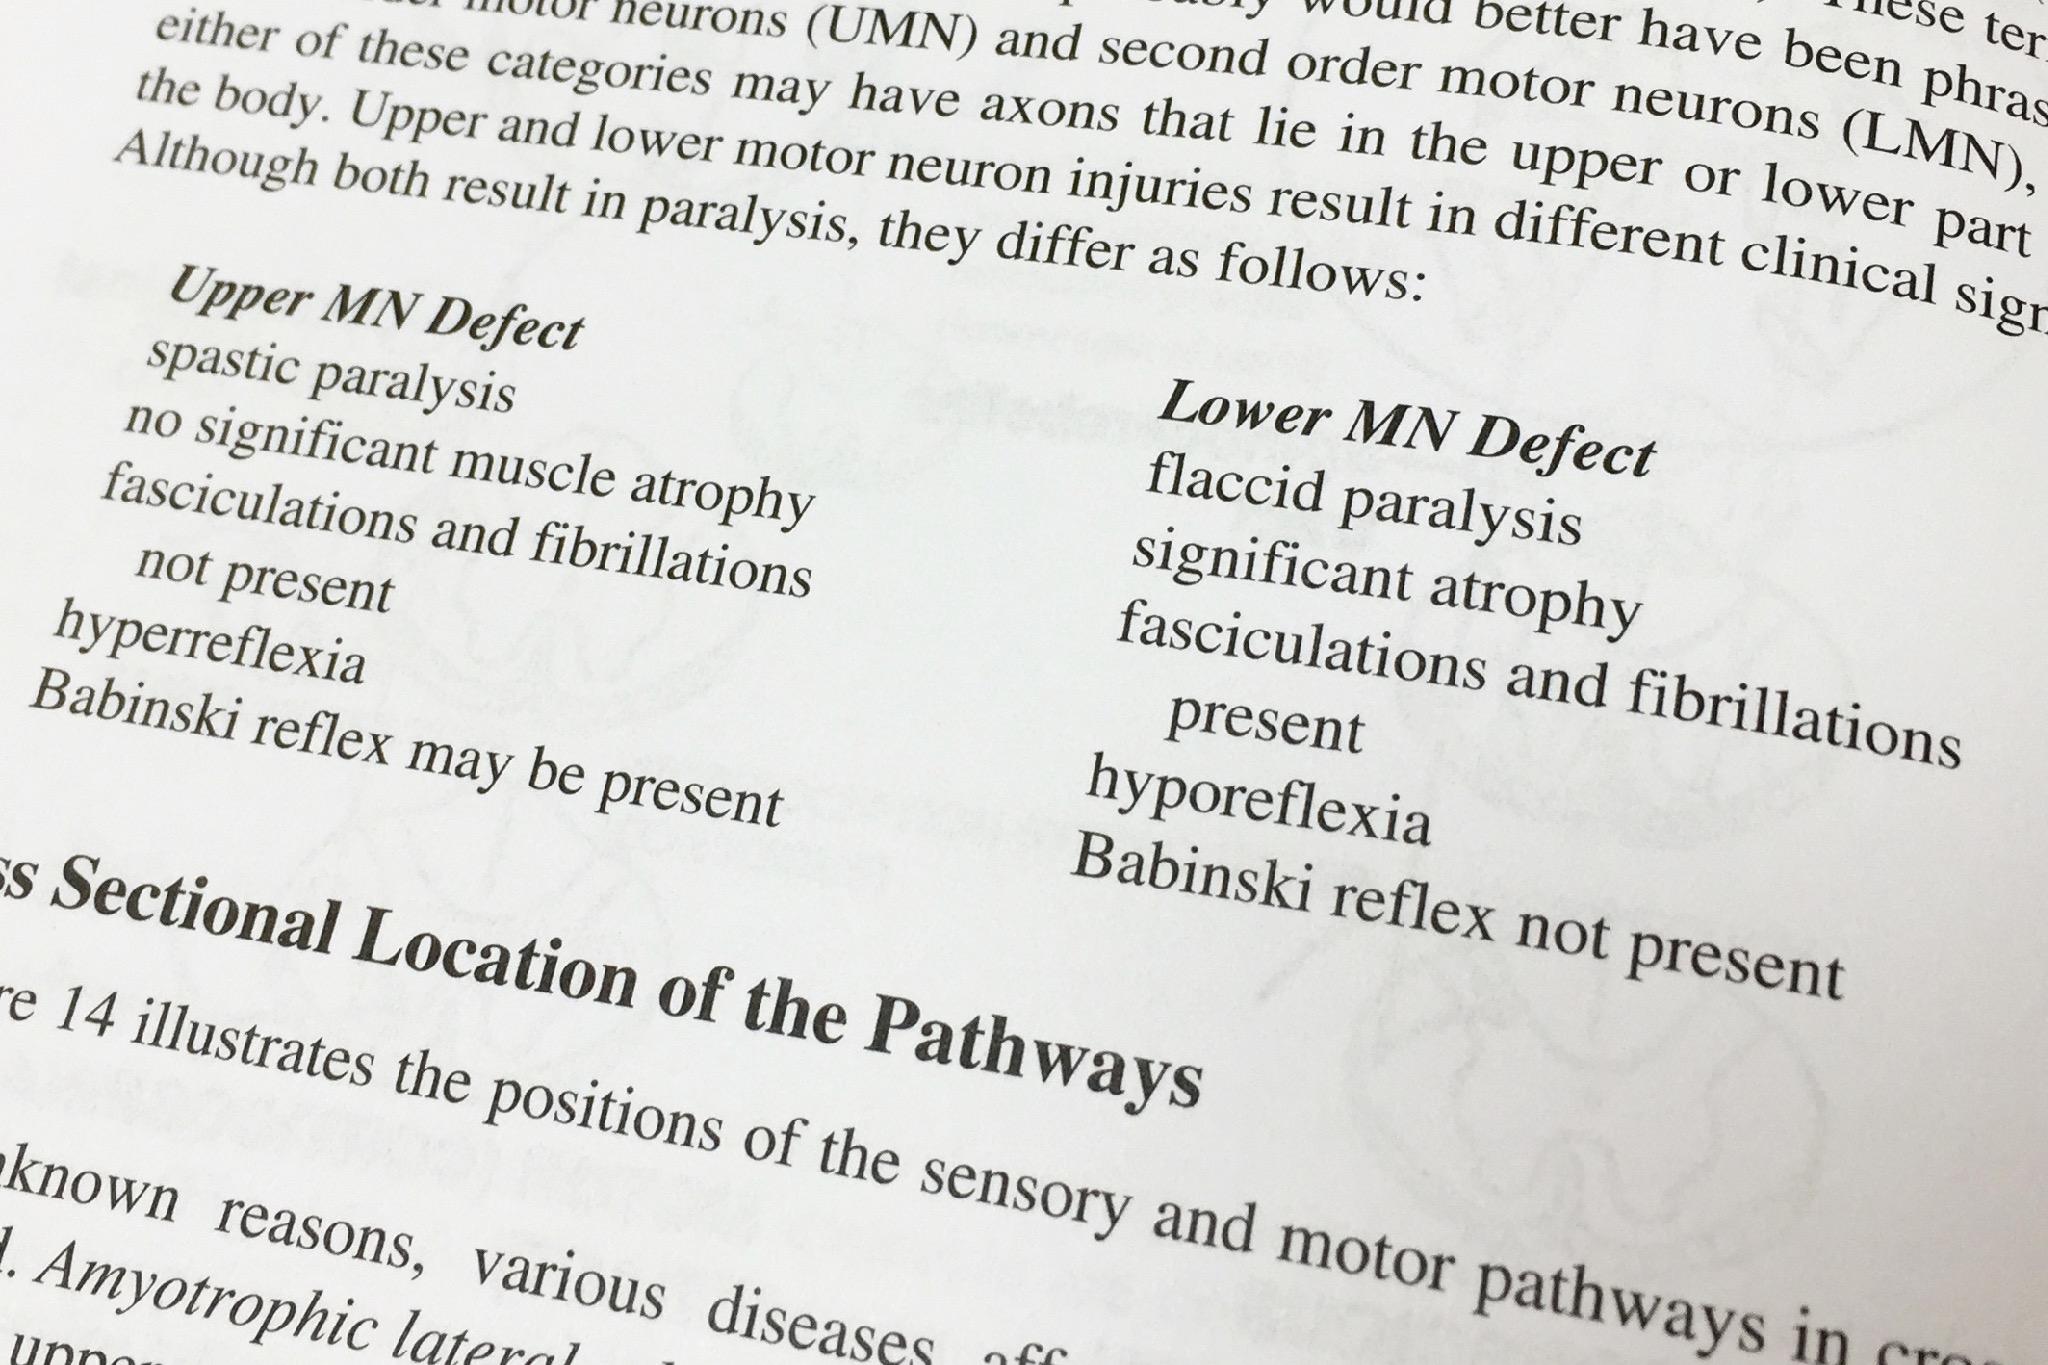 錐体路の麻痺の上位ニューロンか下位ニューロンかによる違い